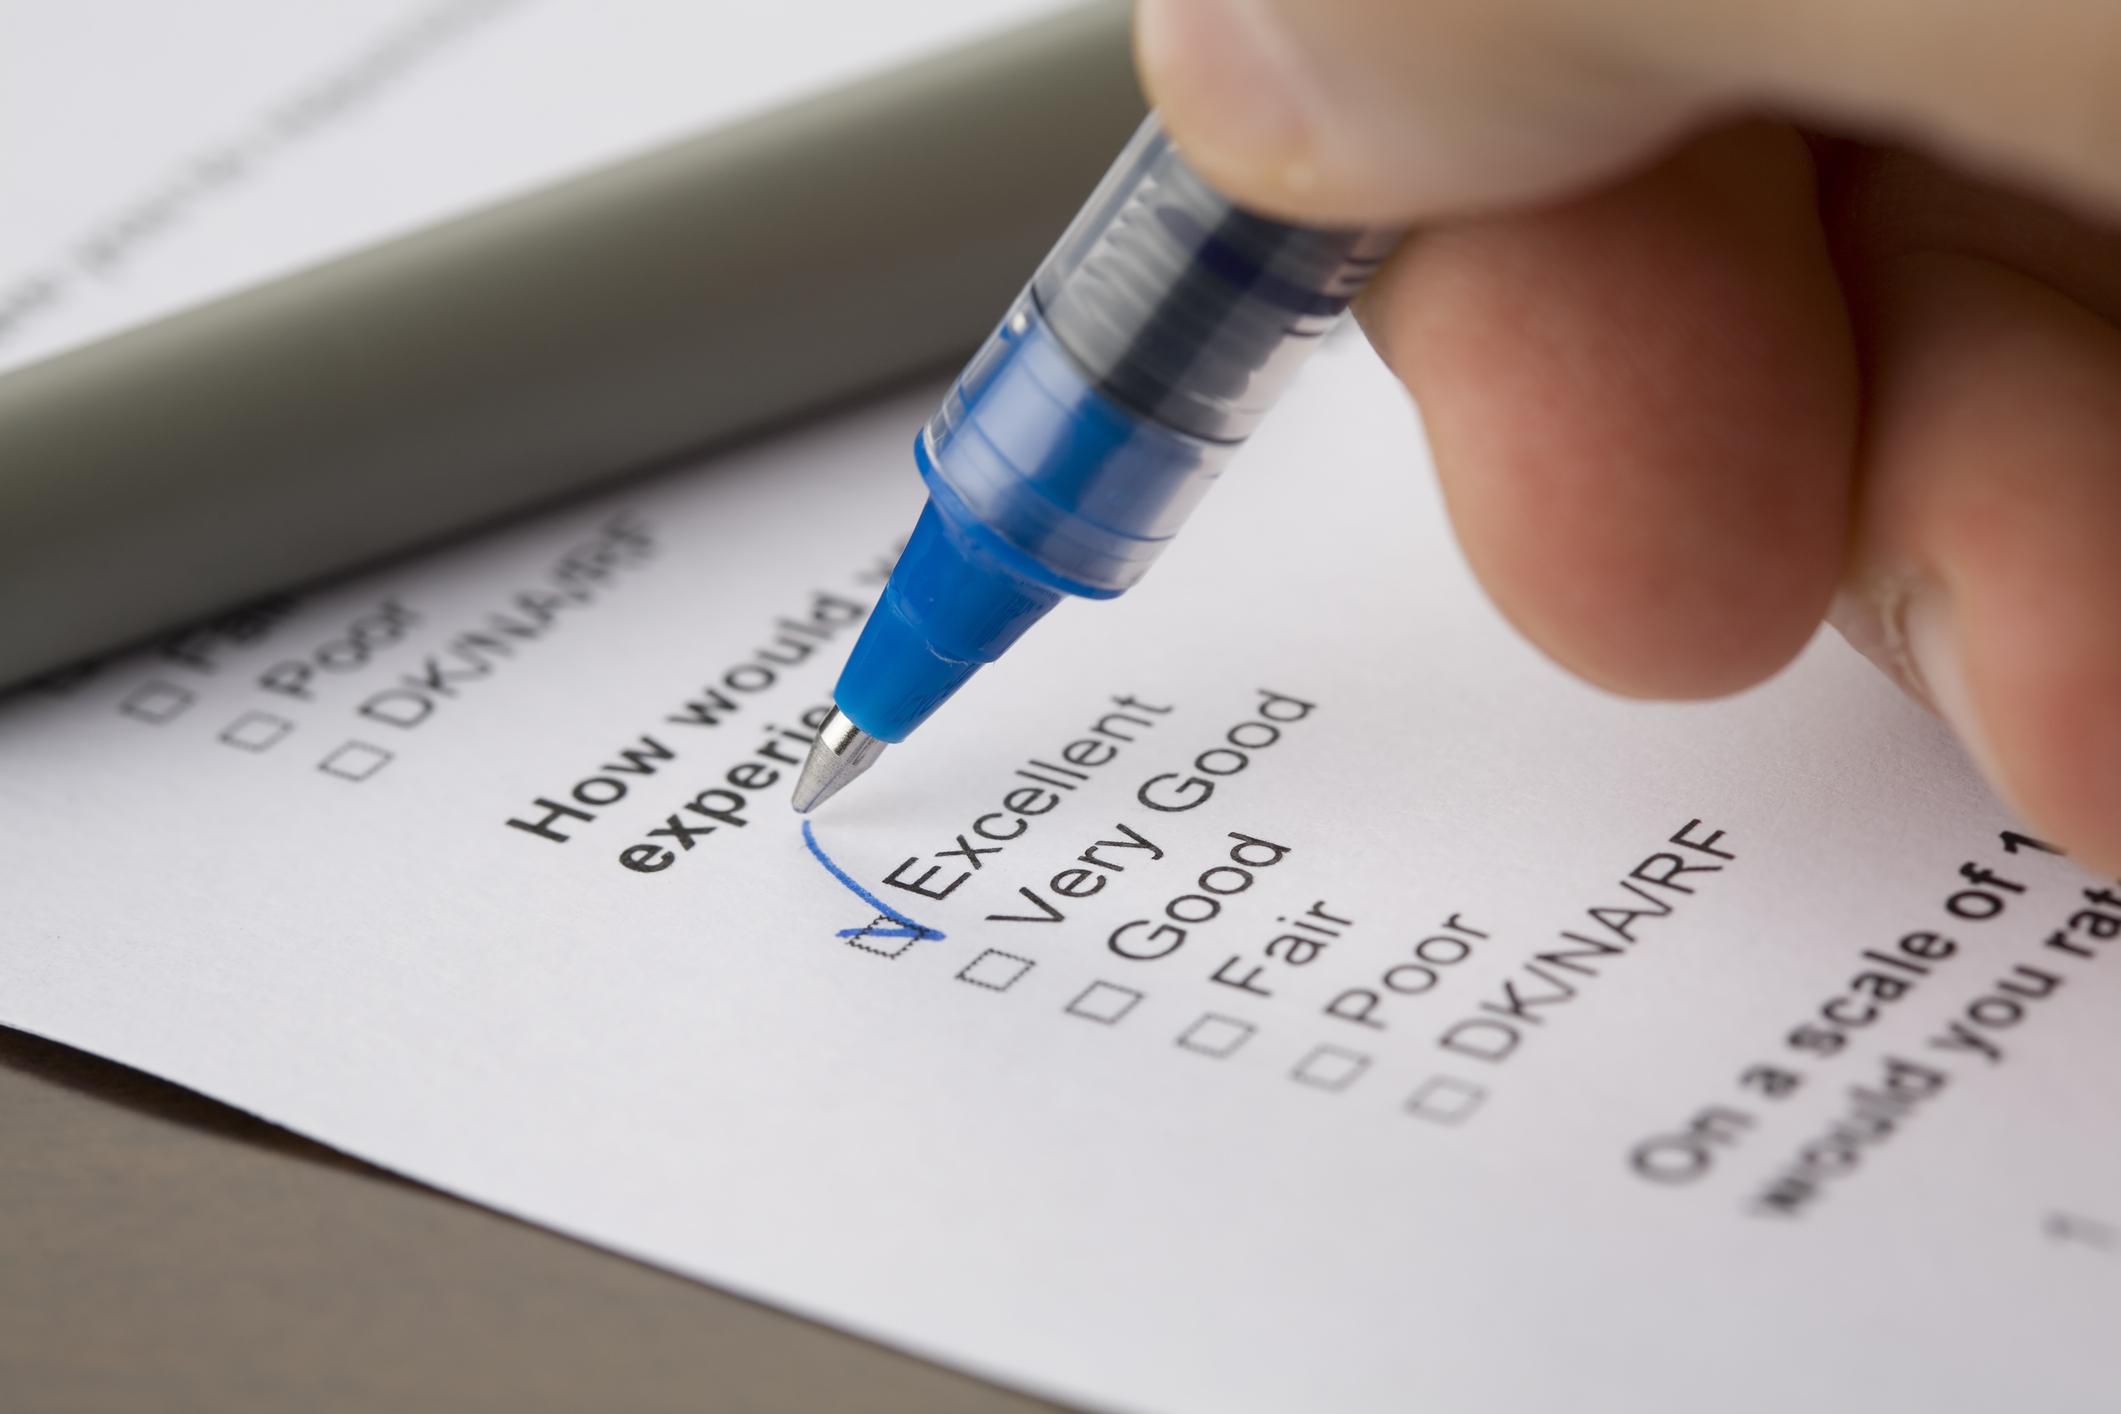 Filling questionnaire form